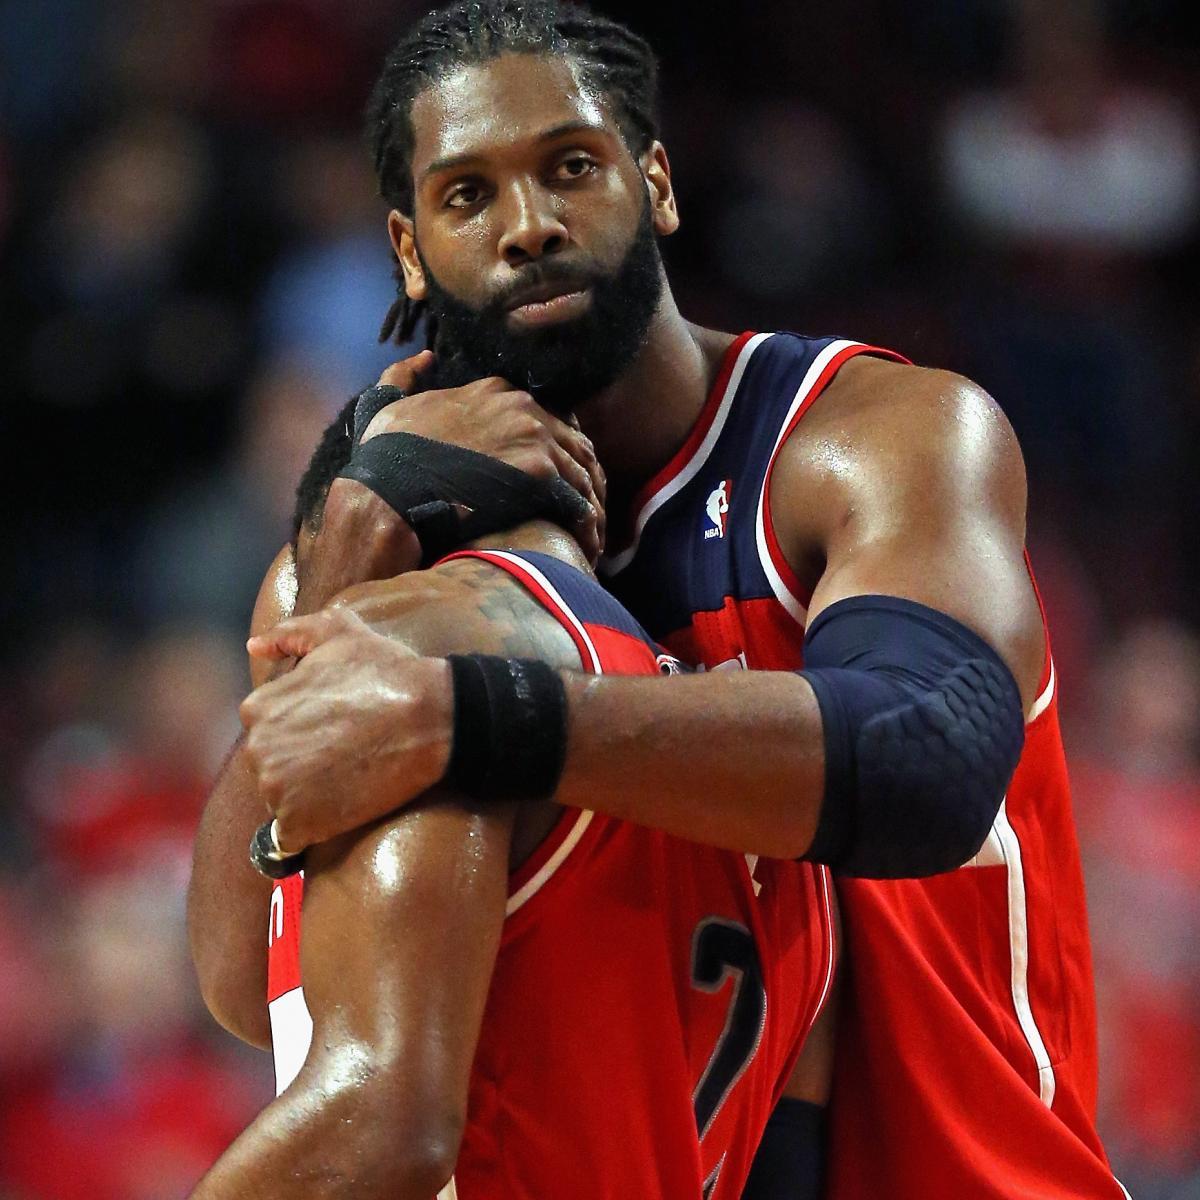 Washington Wizards Twitter Account Trolls ESPN Analysts ...